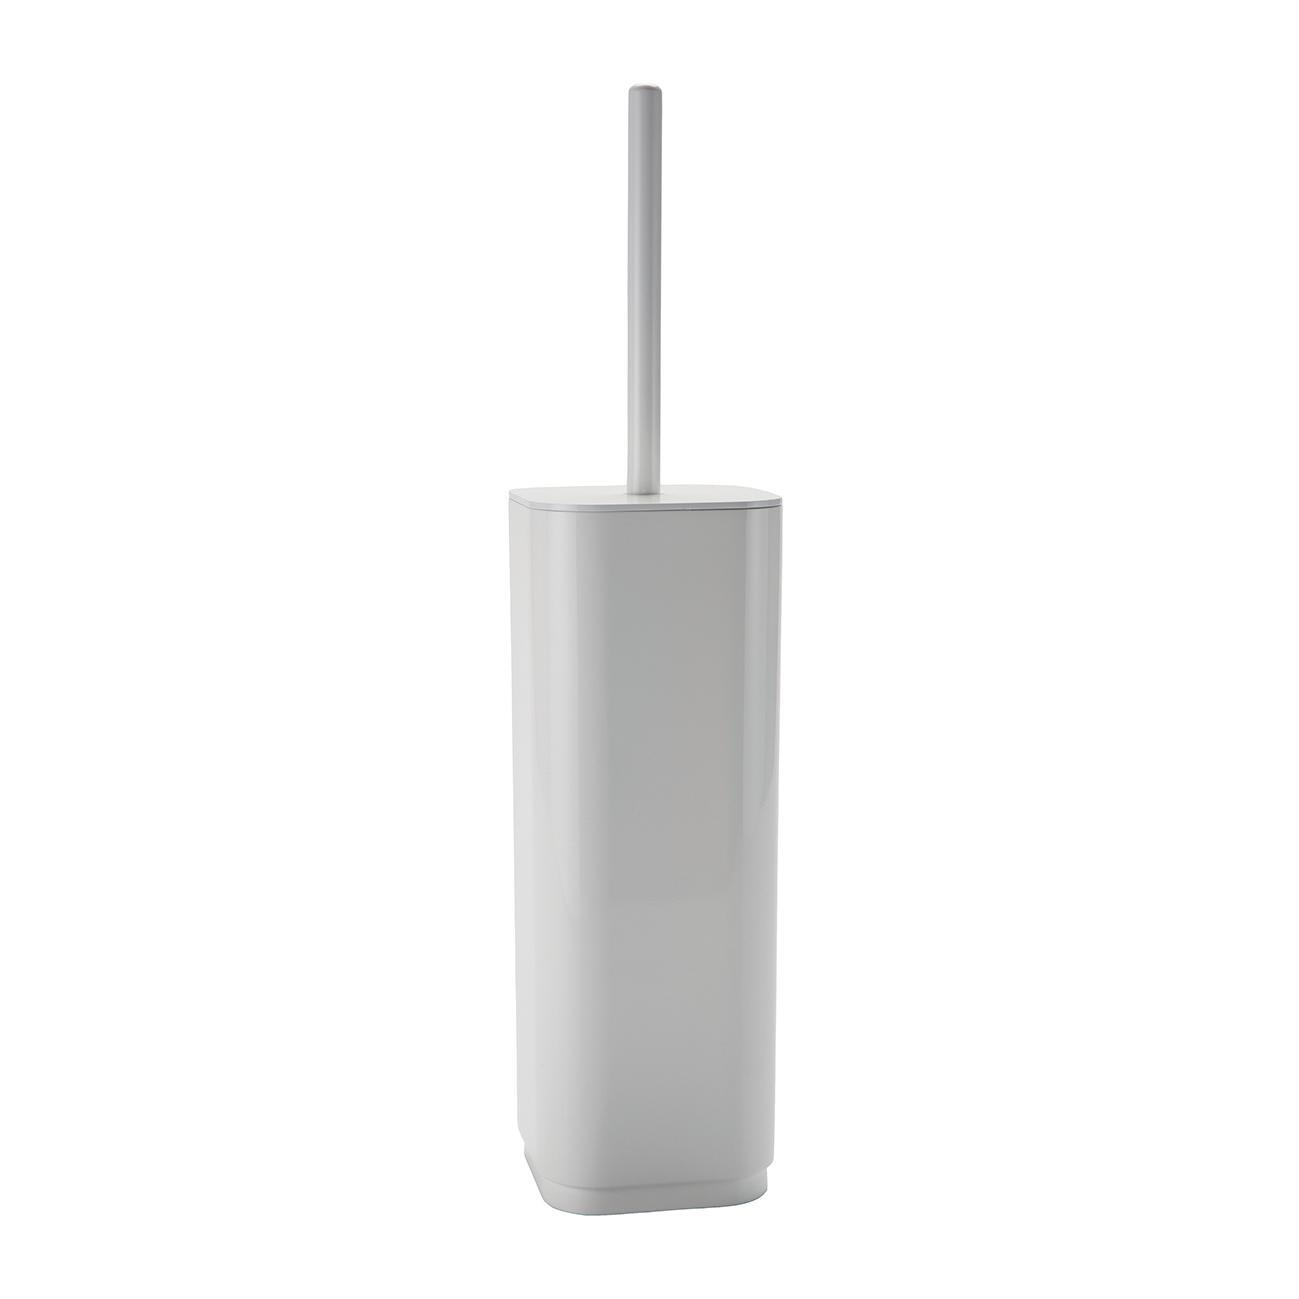 Porta scopino wc da appoggio Seventy in plastica bianco